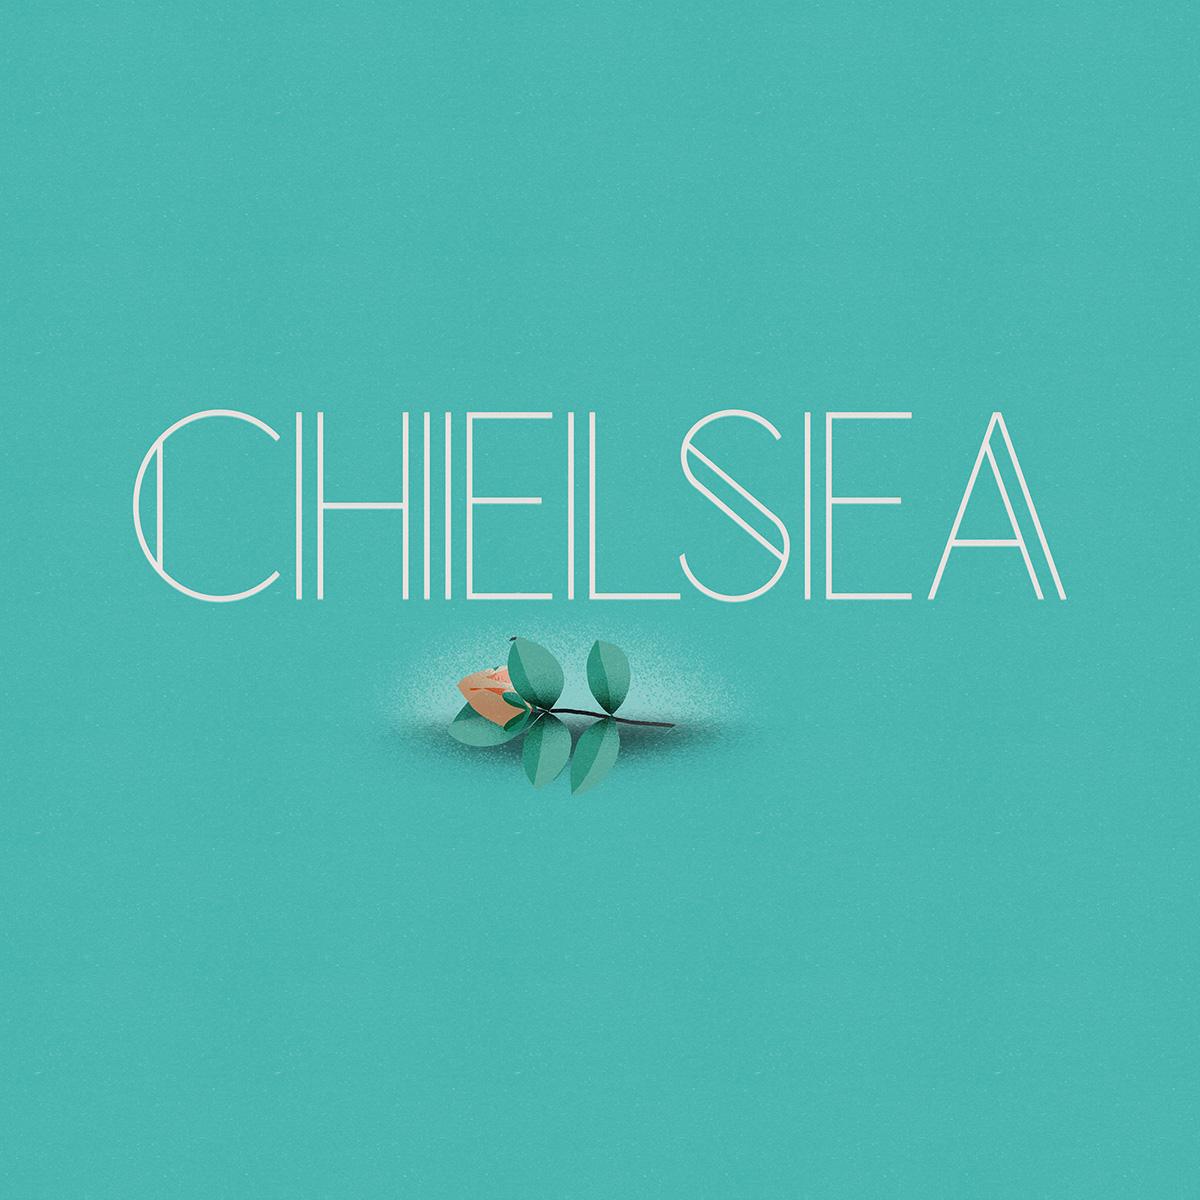 Chelsea fuente de texto gratis